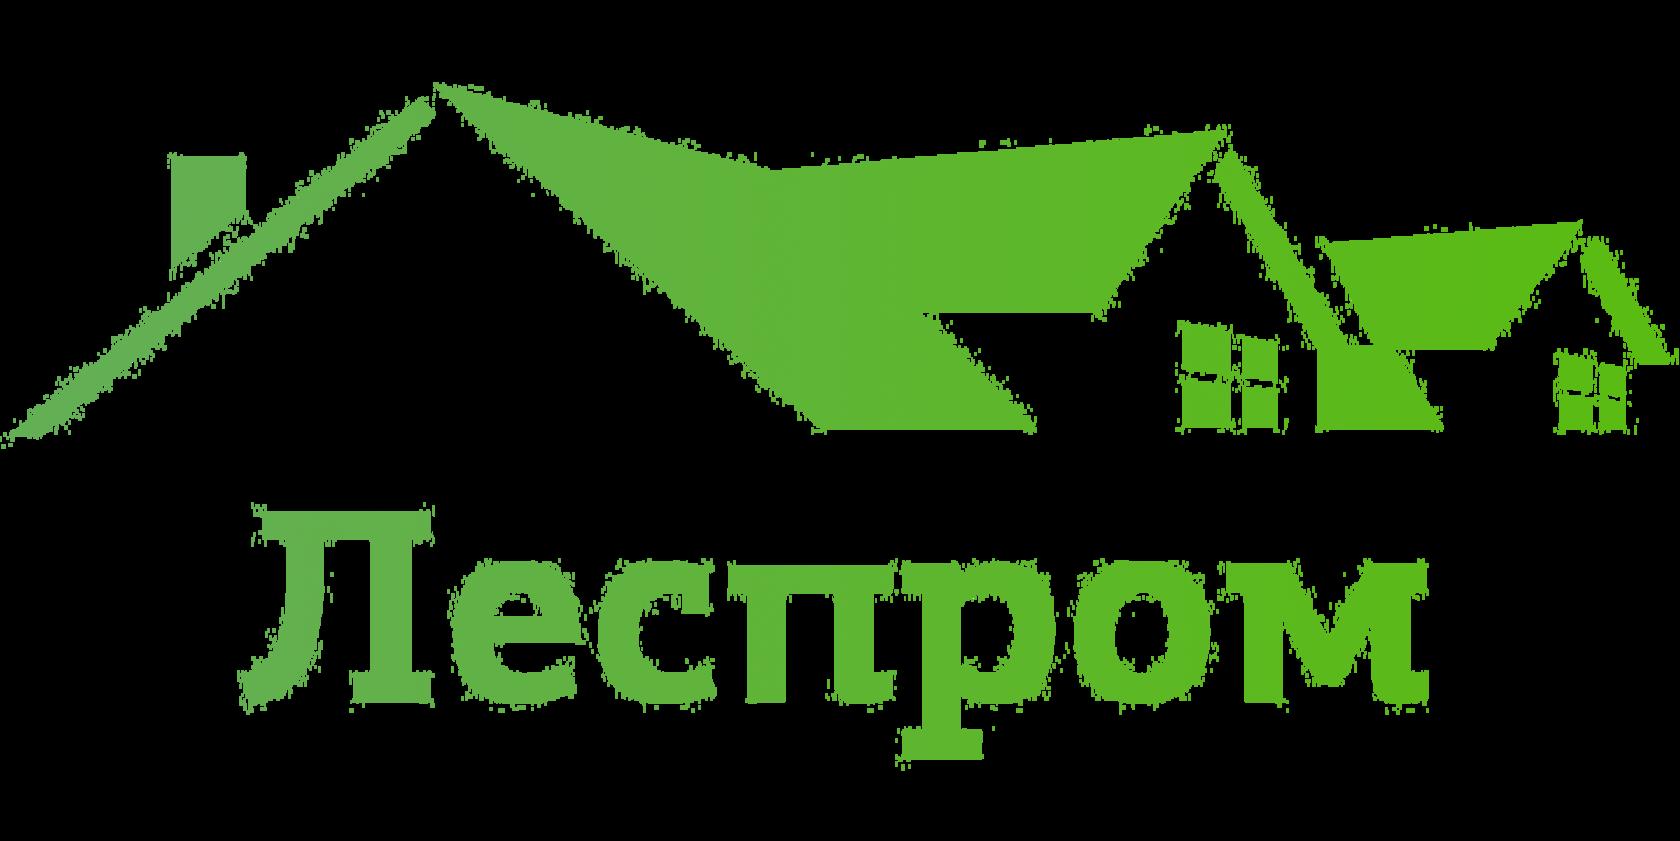 Компания леспром сайт московская чаеразвесочная компания официальный сайт